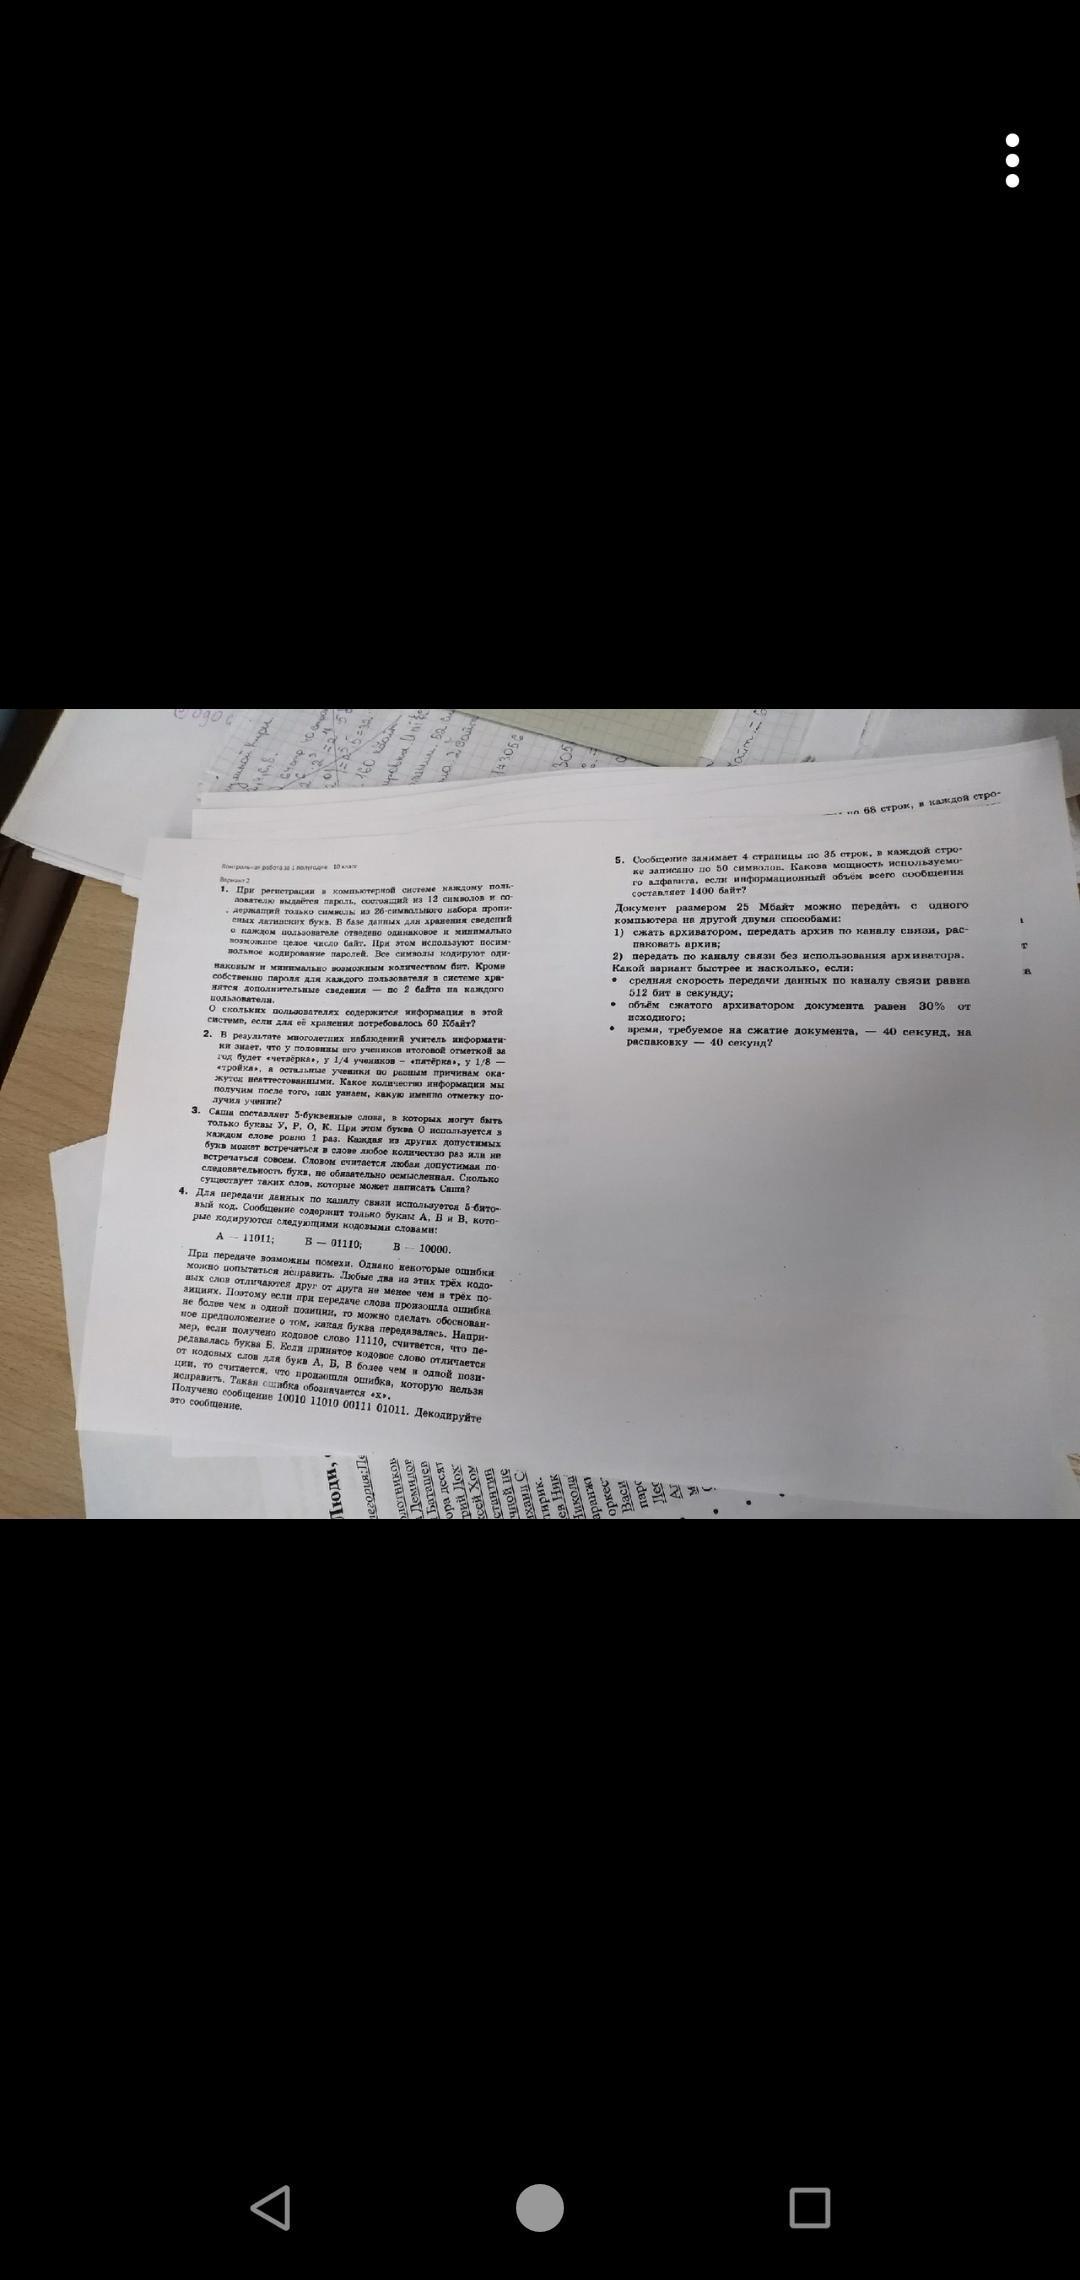 сообщение занимает 3 страницы по 40 по каким налогам предоставляется инвестиционный налоговый кредит